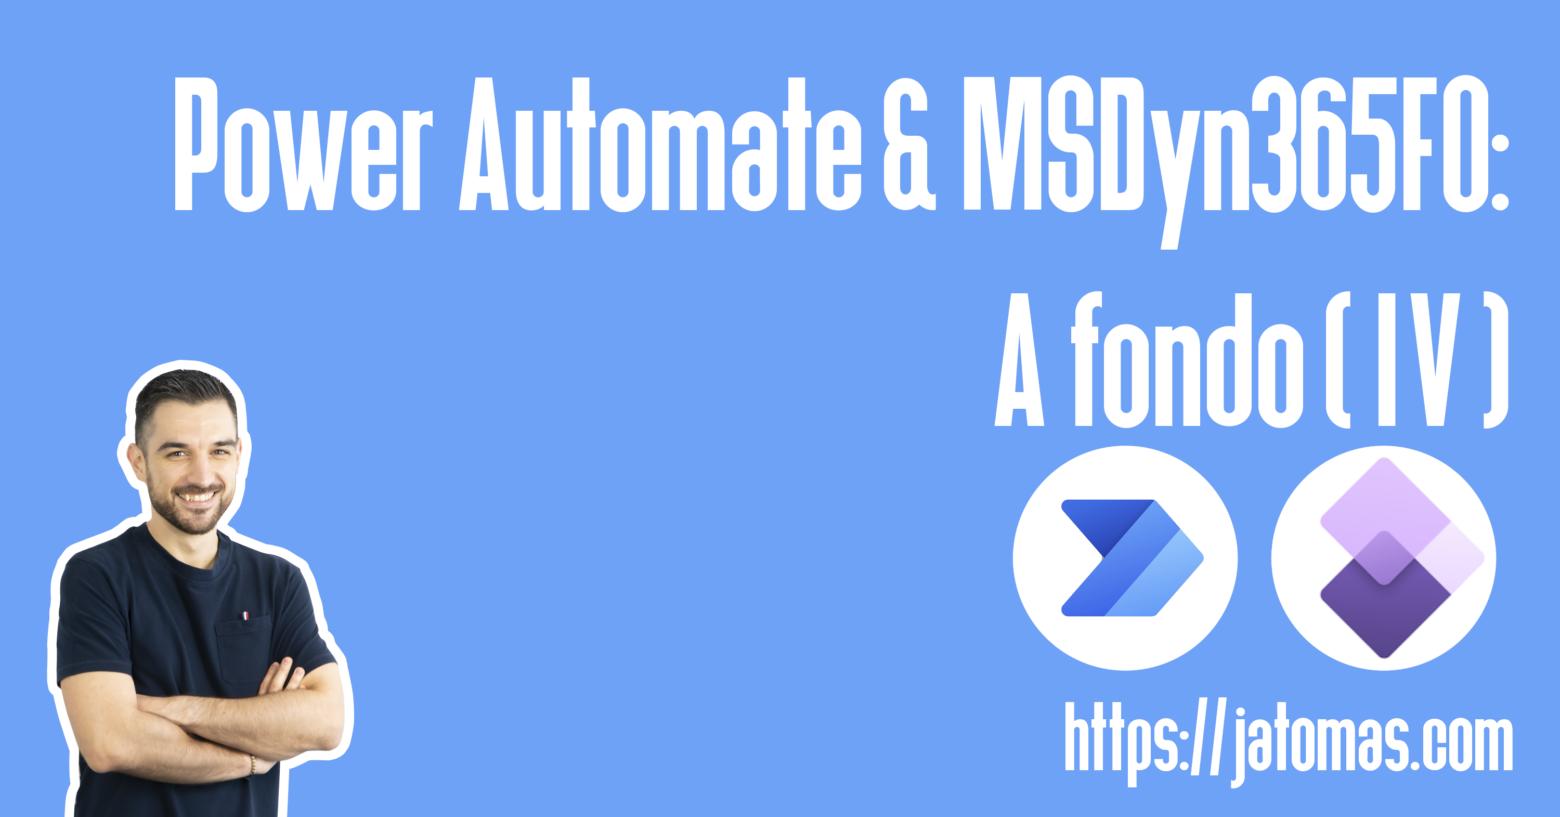 Power Automate & MSDyn365FO: A fondo (IV)